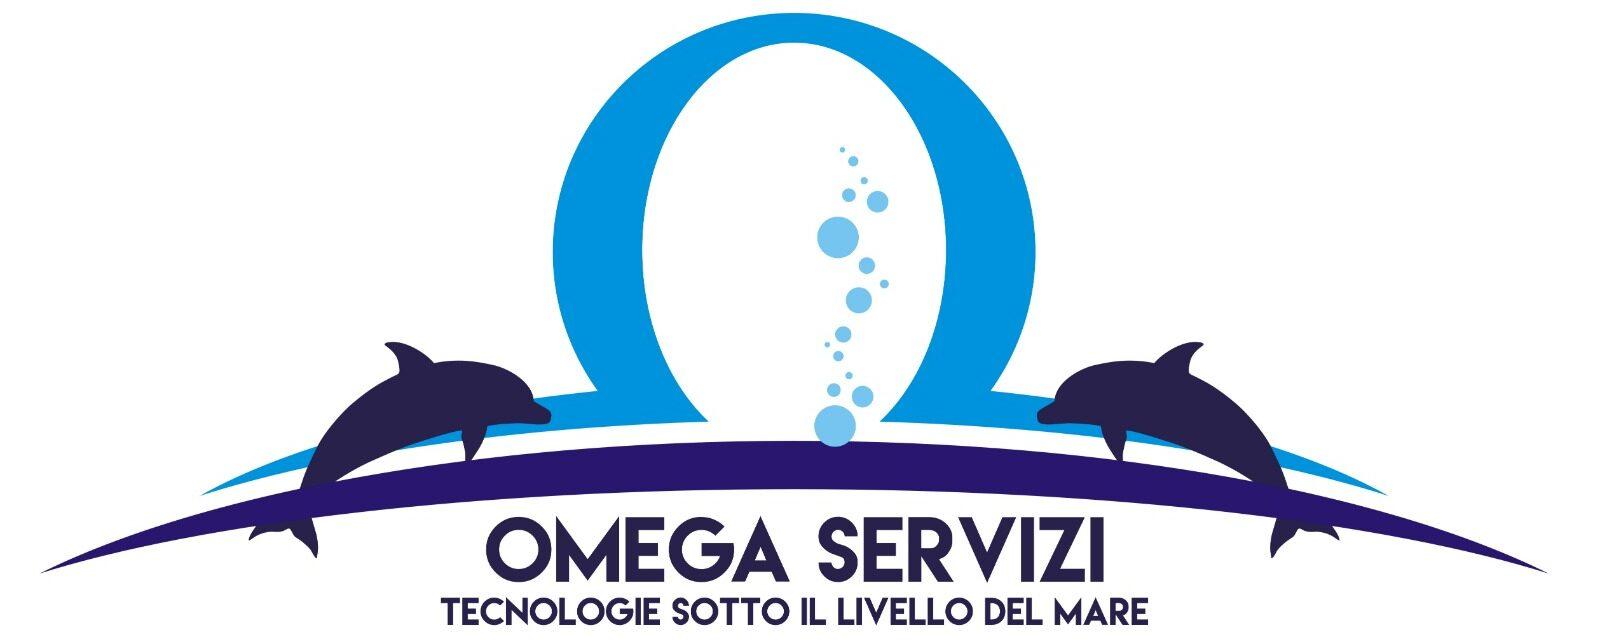 Omega Servizi